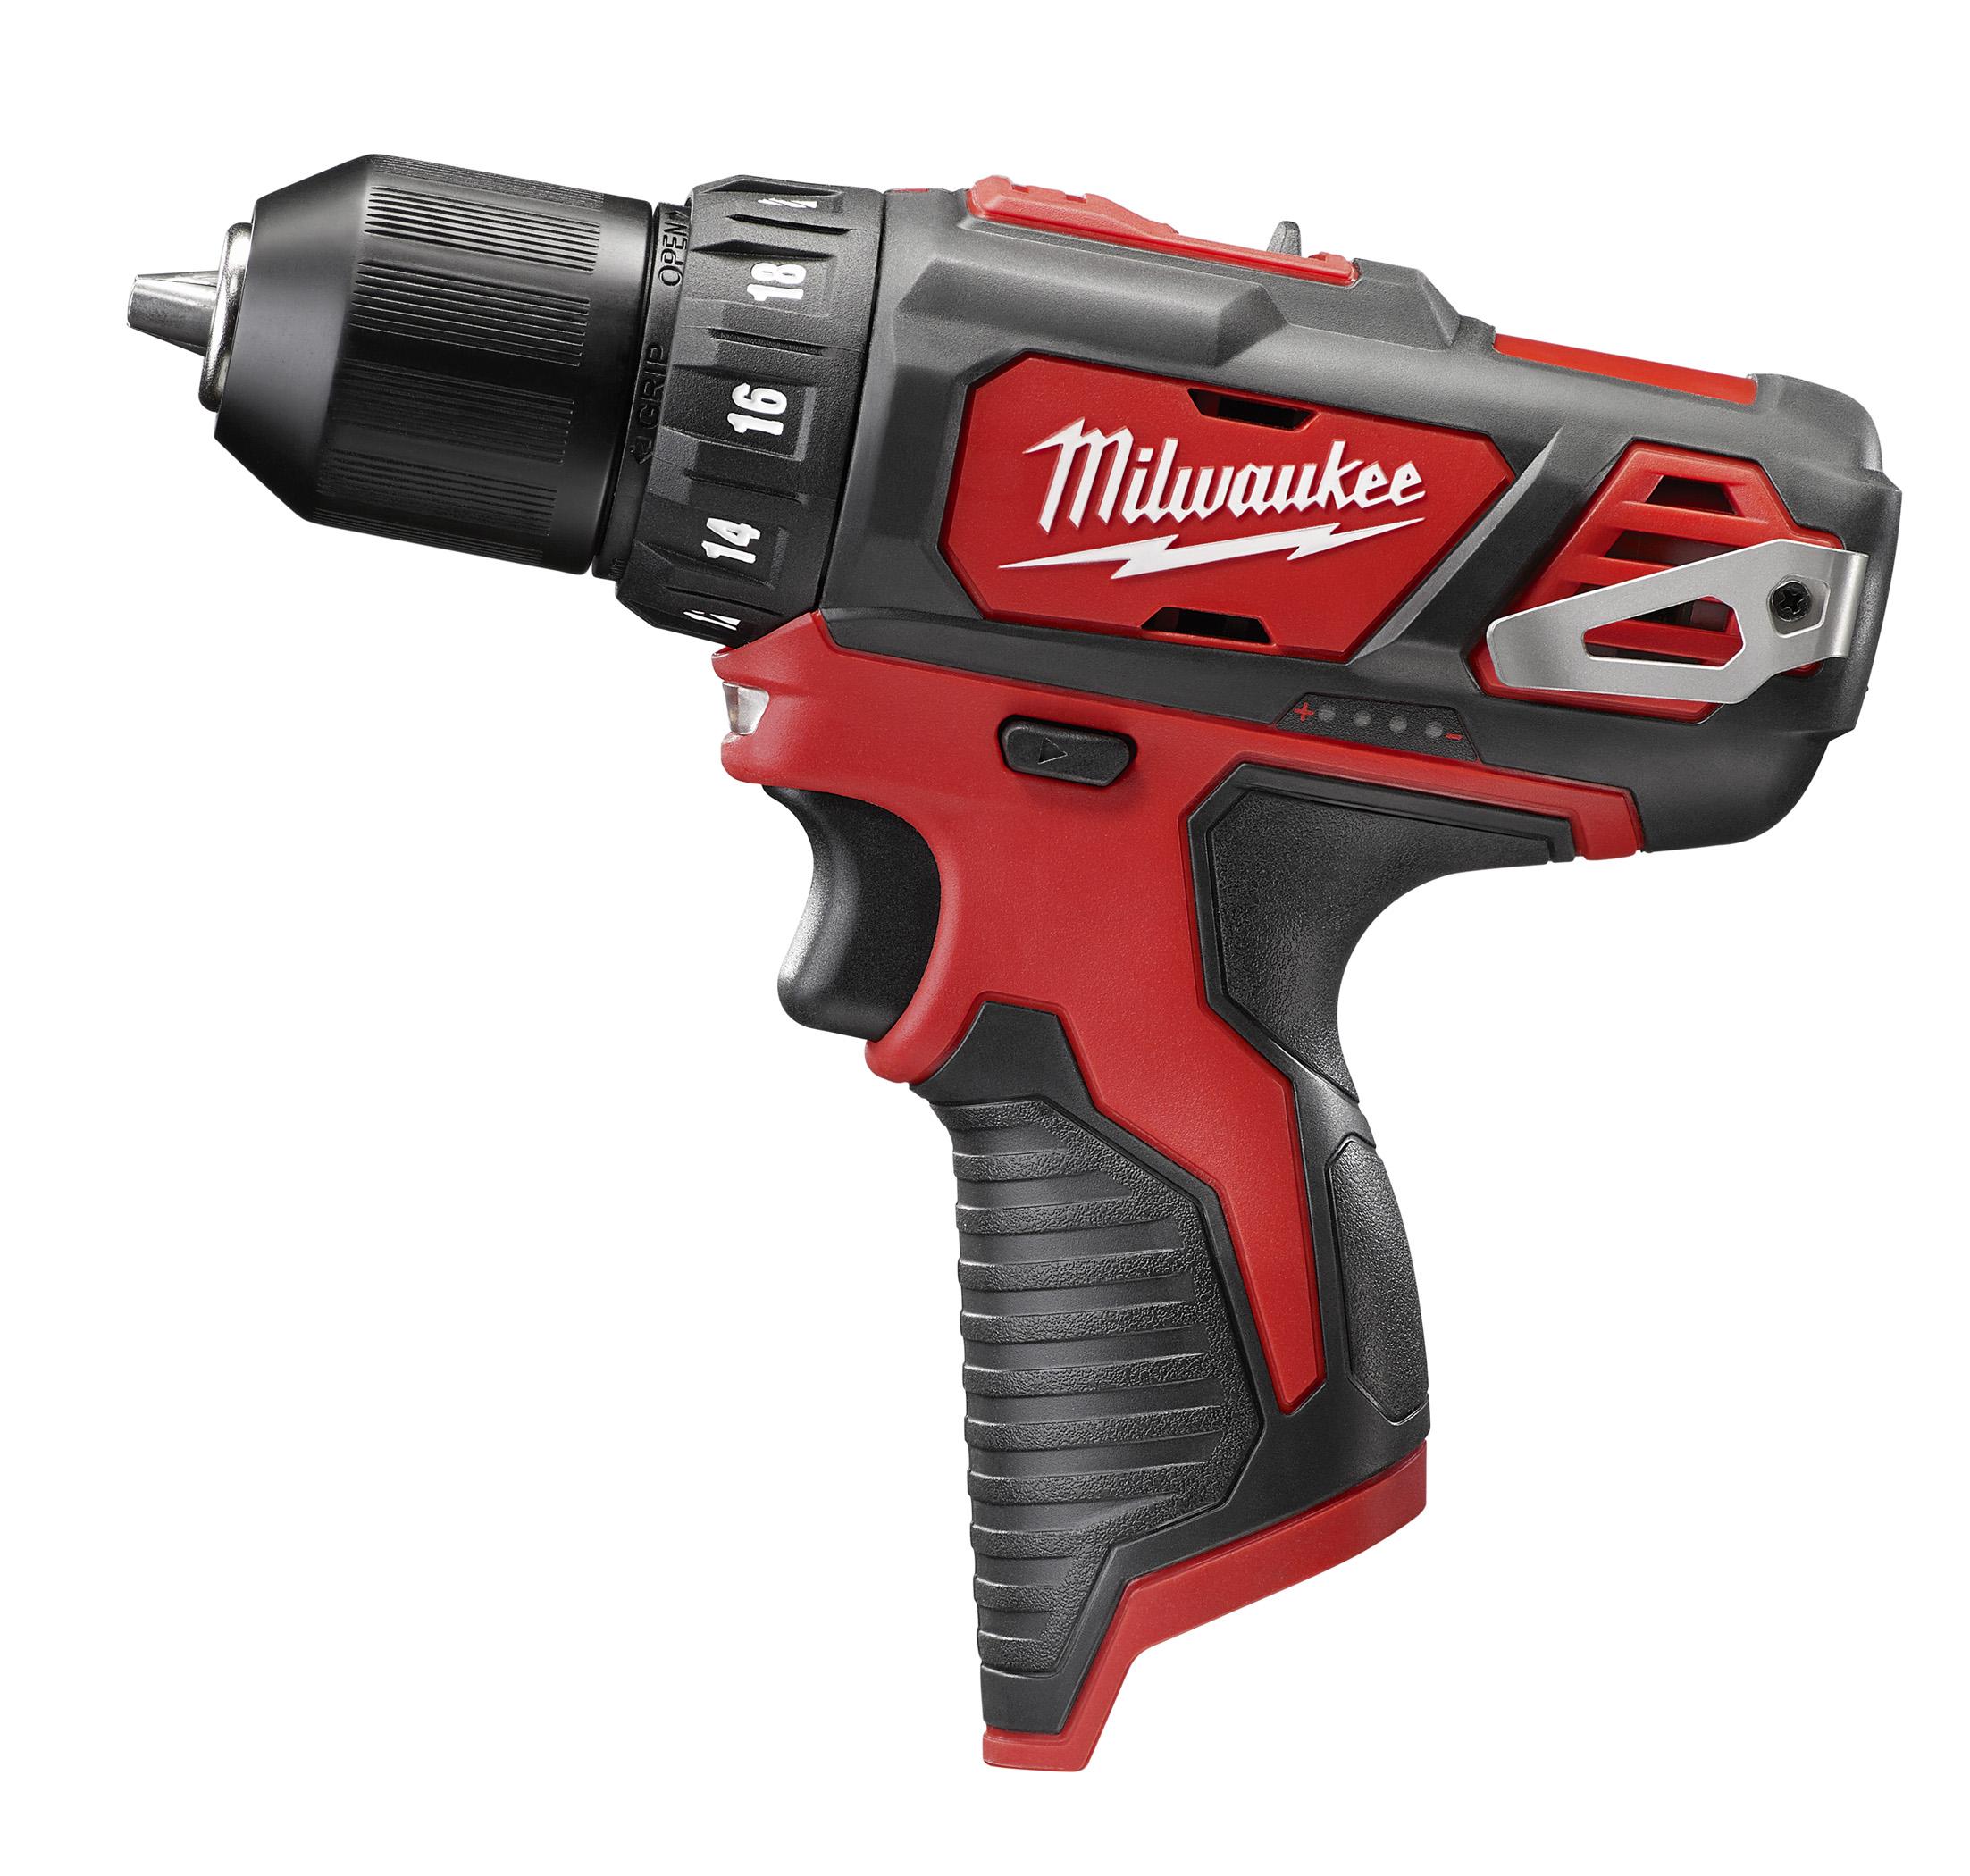 Milwaukee Tools 2407-20